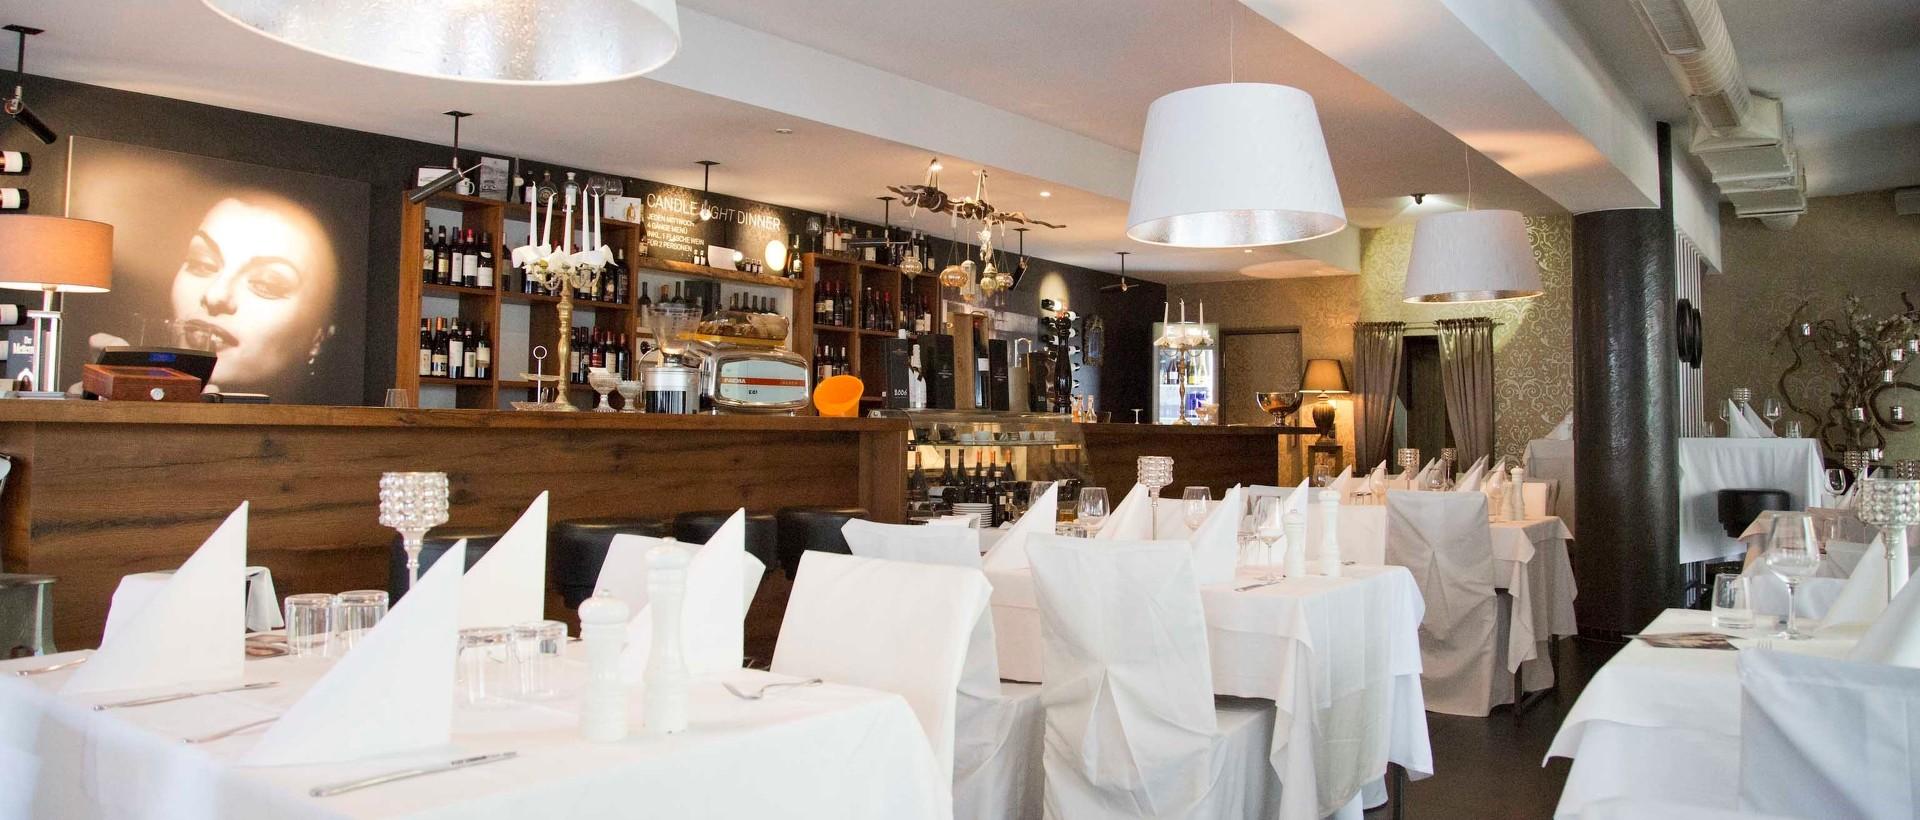 Italienische Eleganz und Kulinarik im Restaurant Vinum